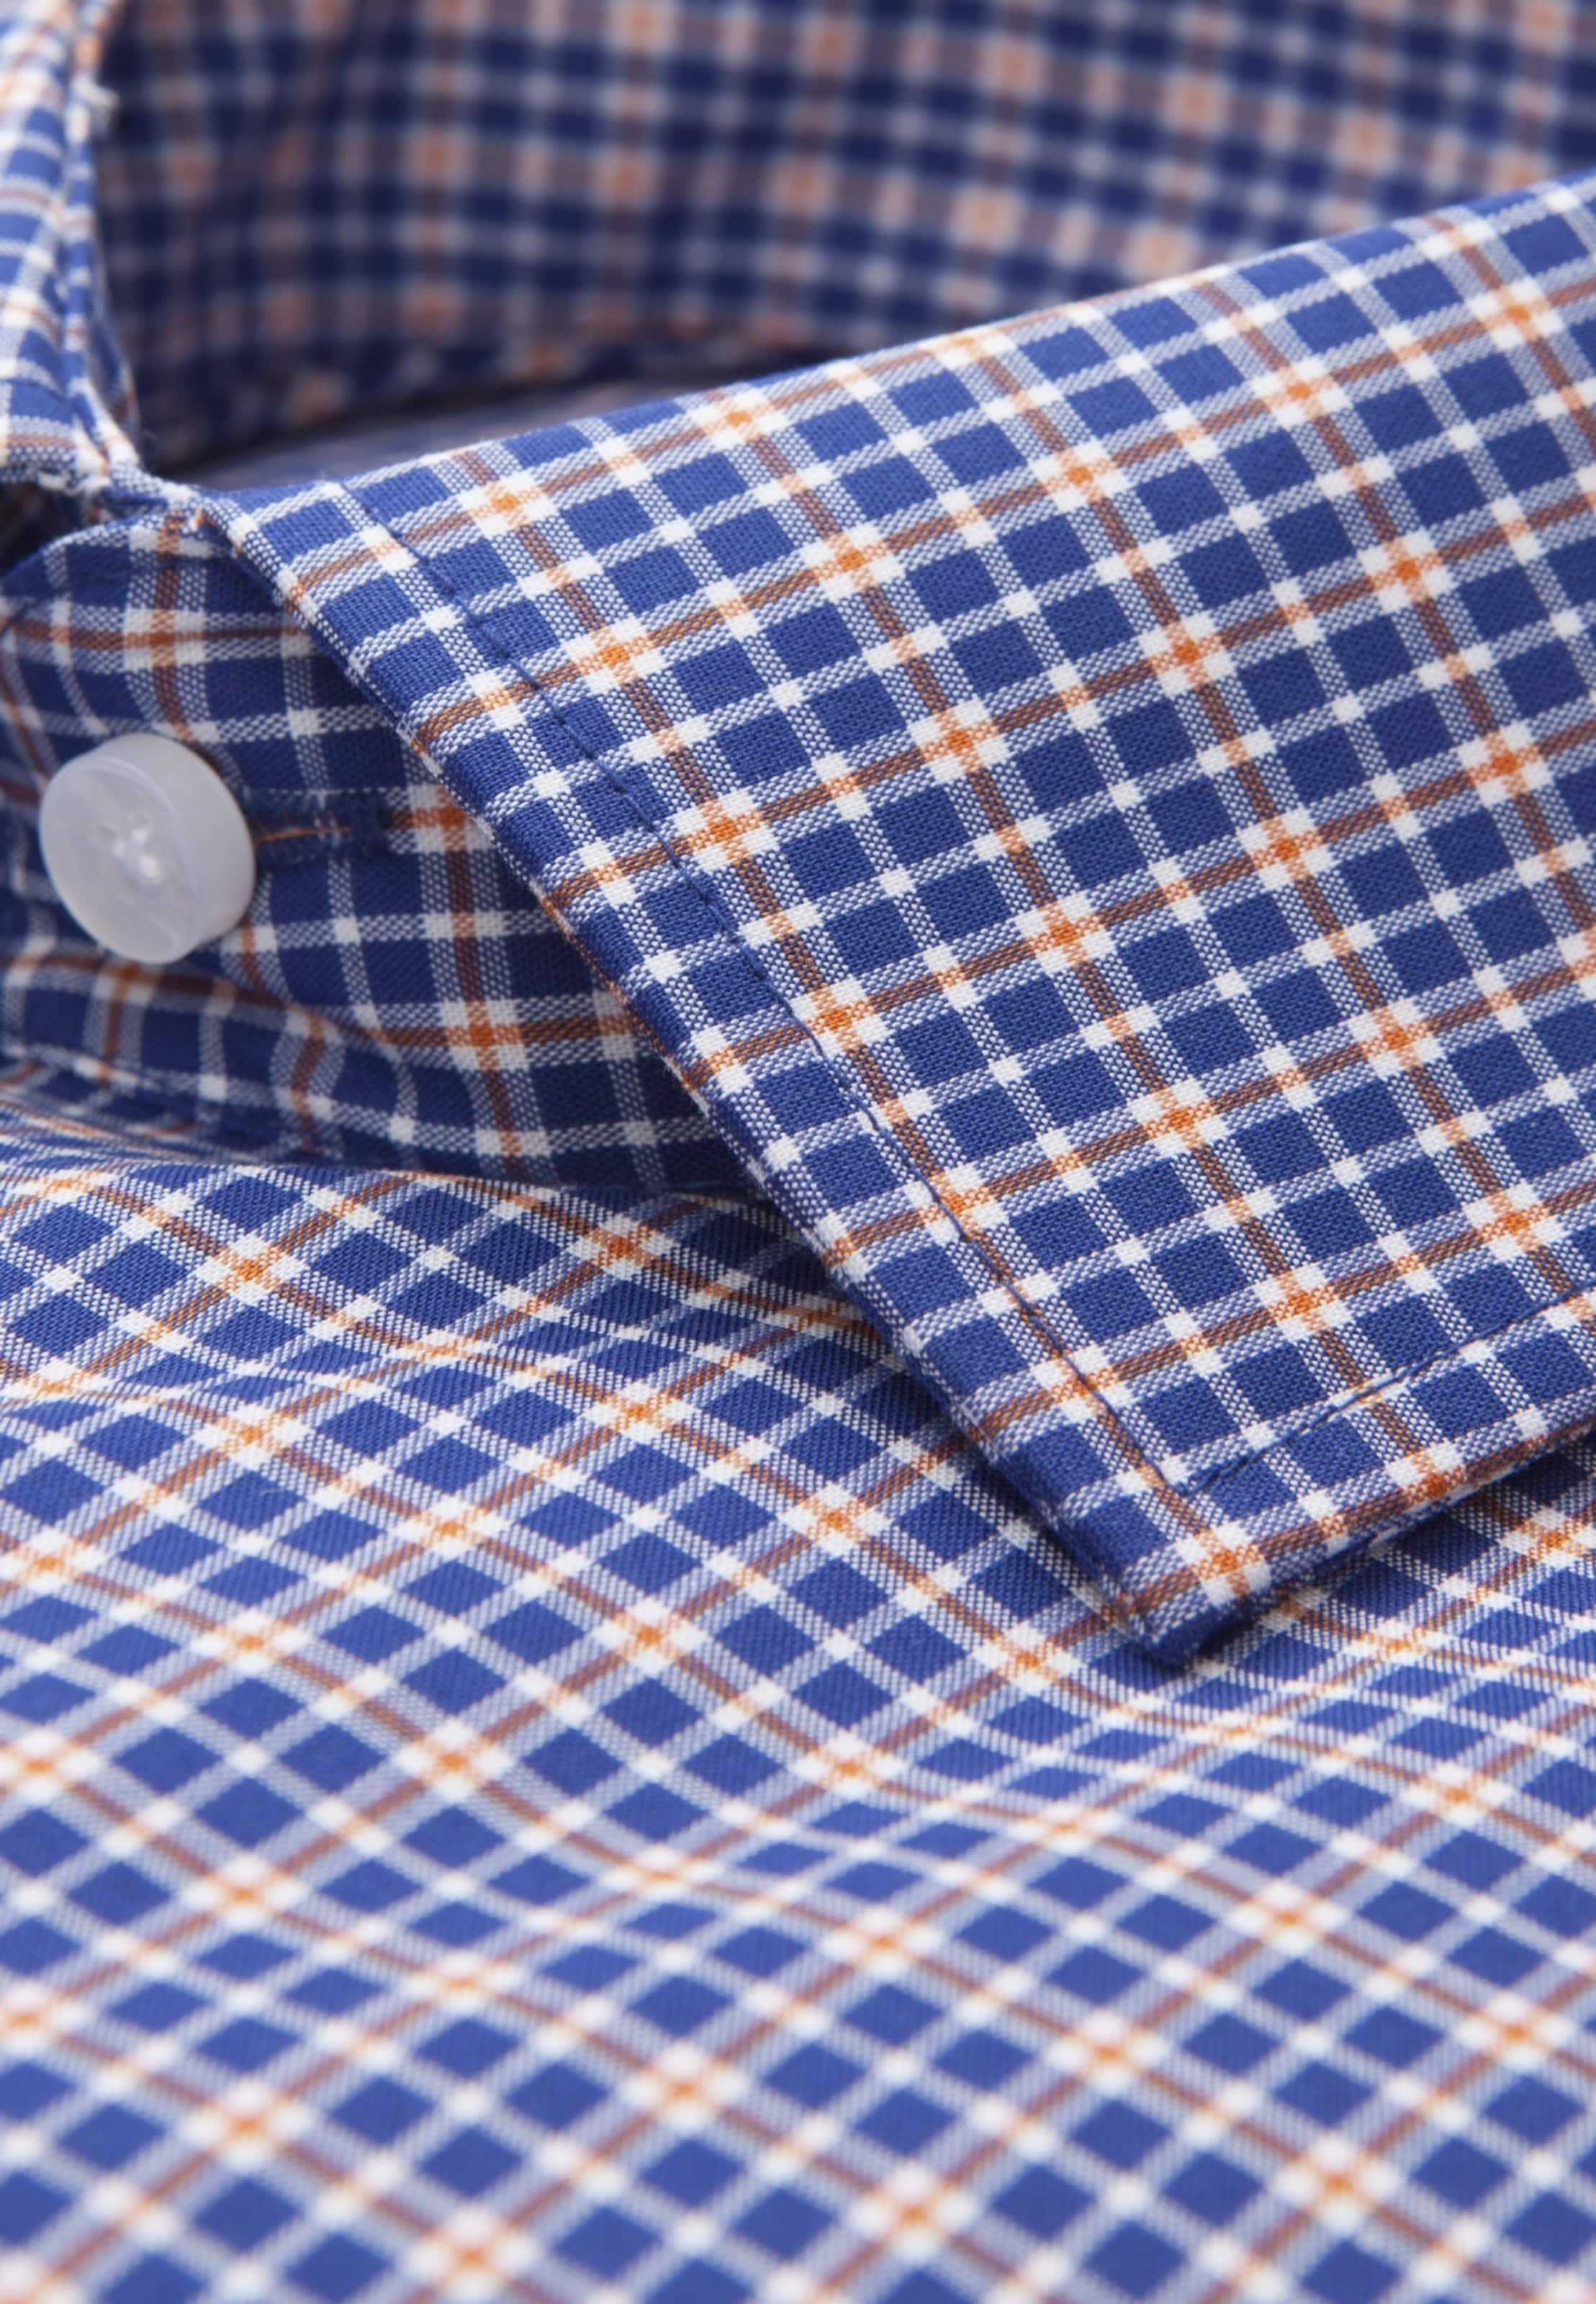 Seidensticker In Weiß 'modern' BlauOrange Hemd CsxrthQd